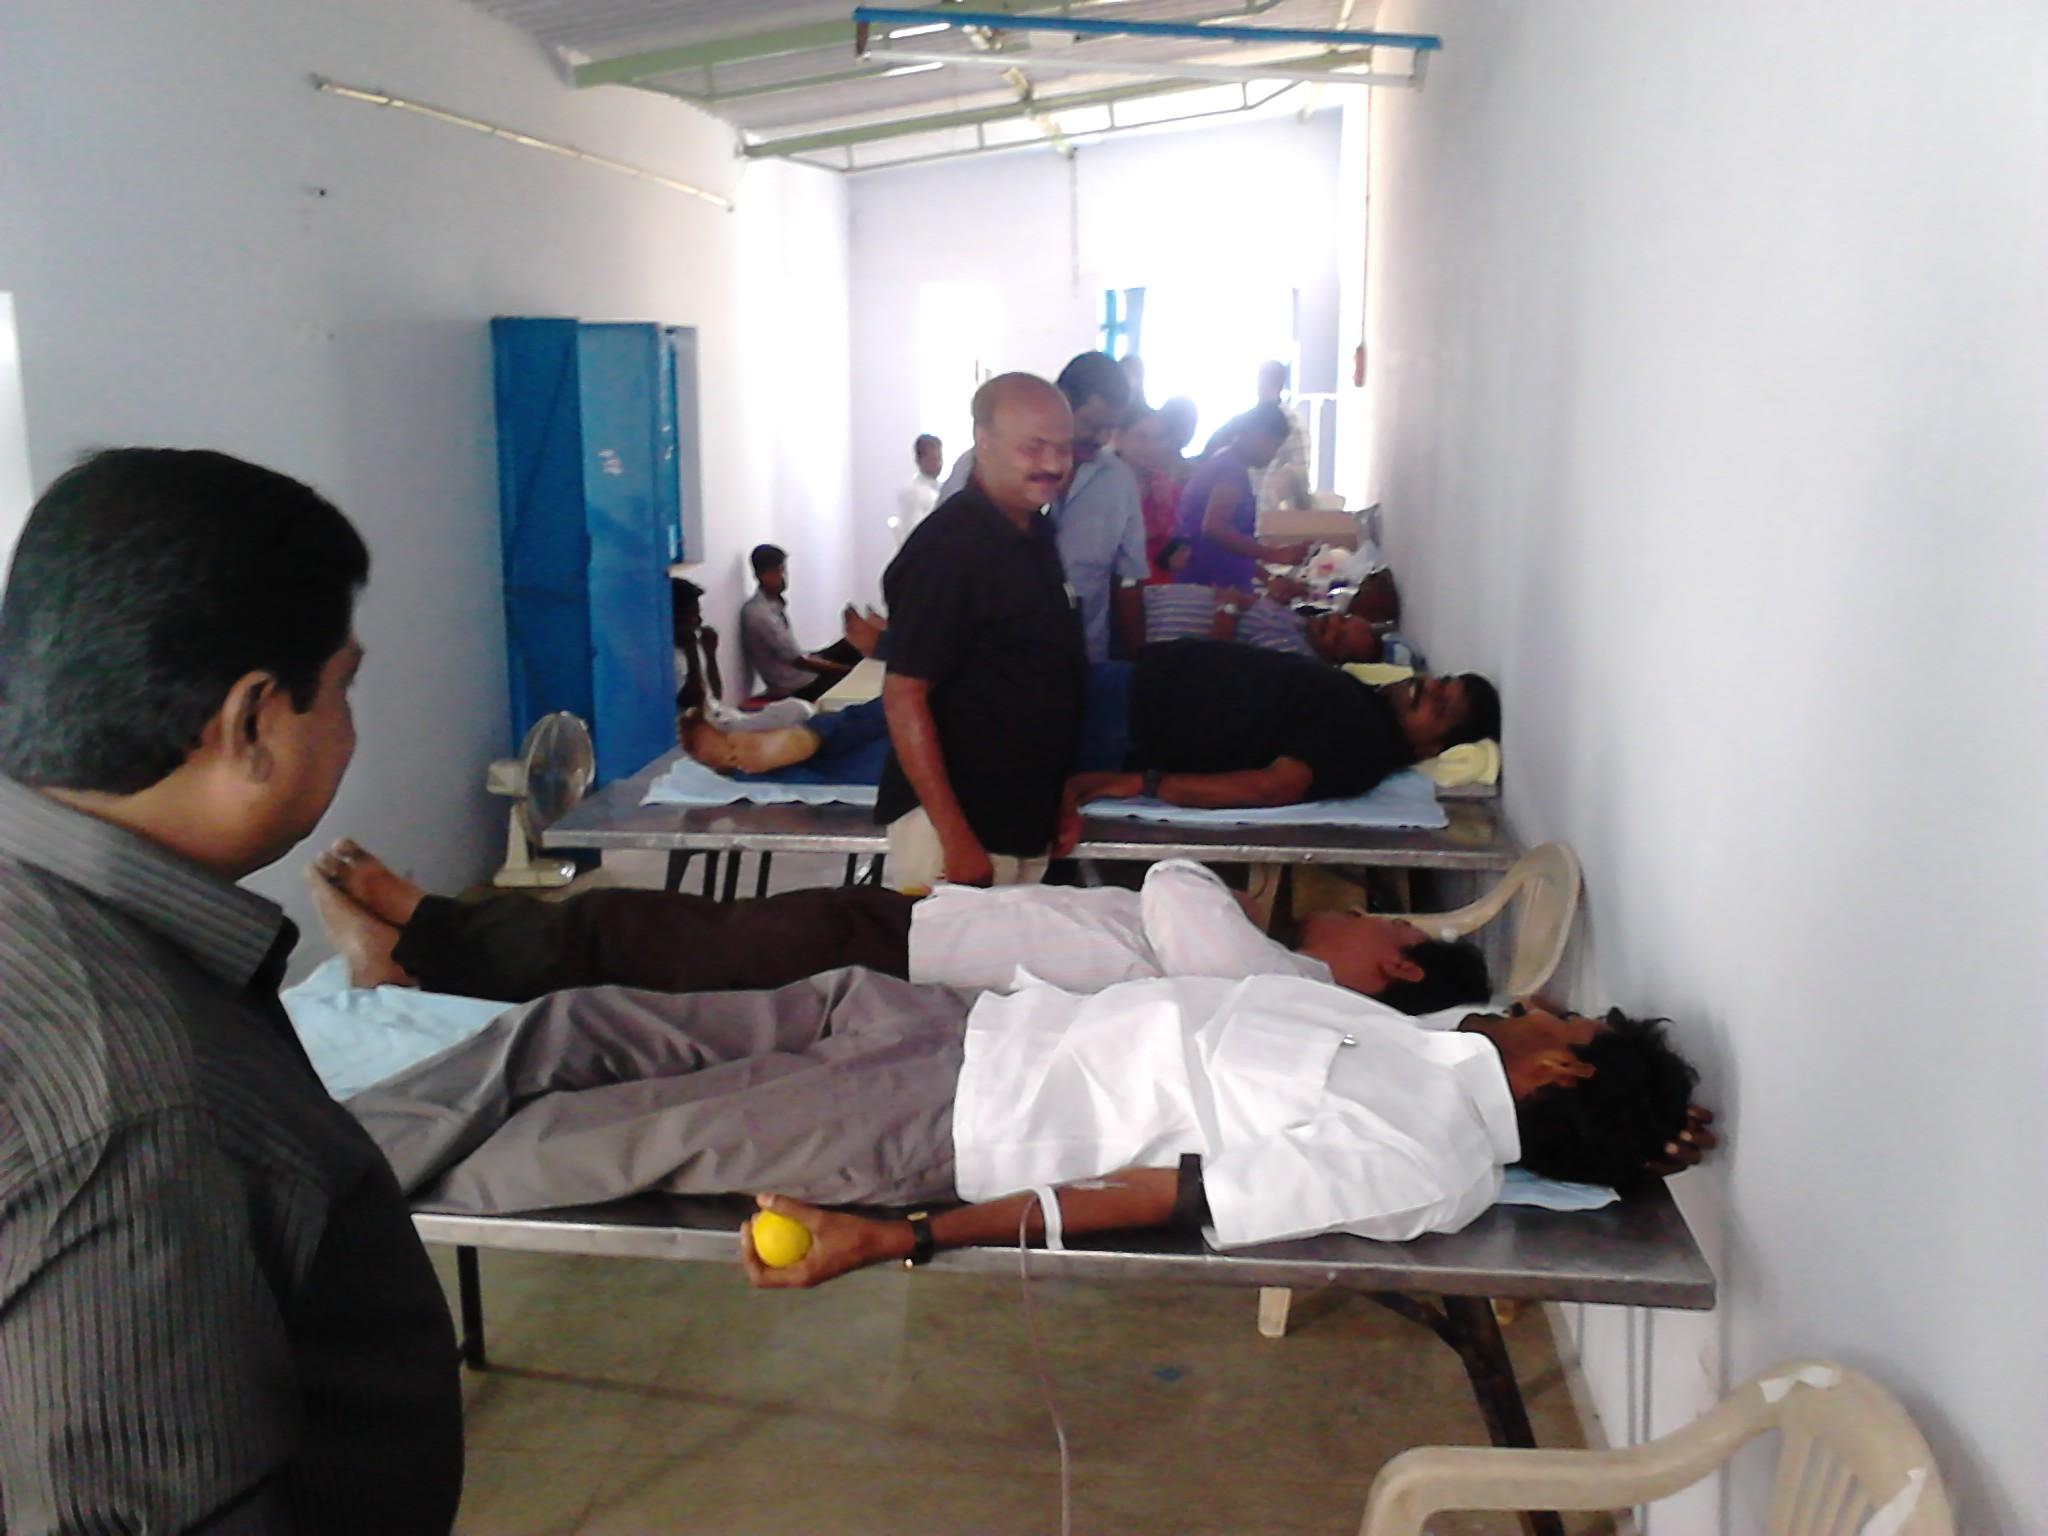 நாம் தமிழர் திருப்பூர் மாவட்டம் மாவீரர் தின நிகழ்வு DSC 0045